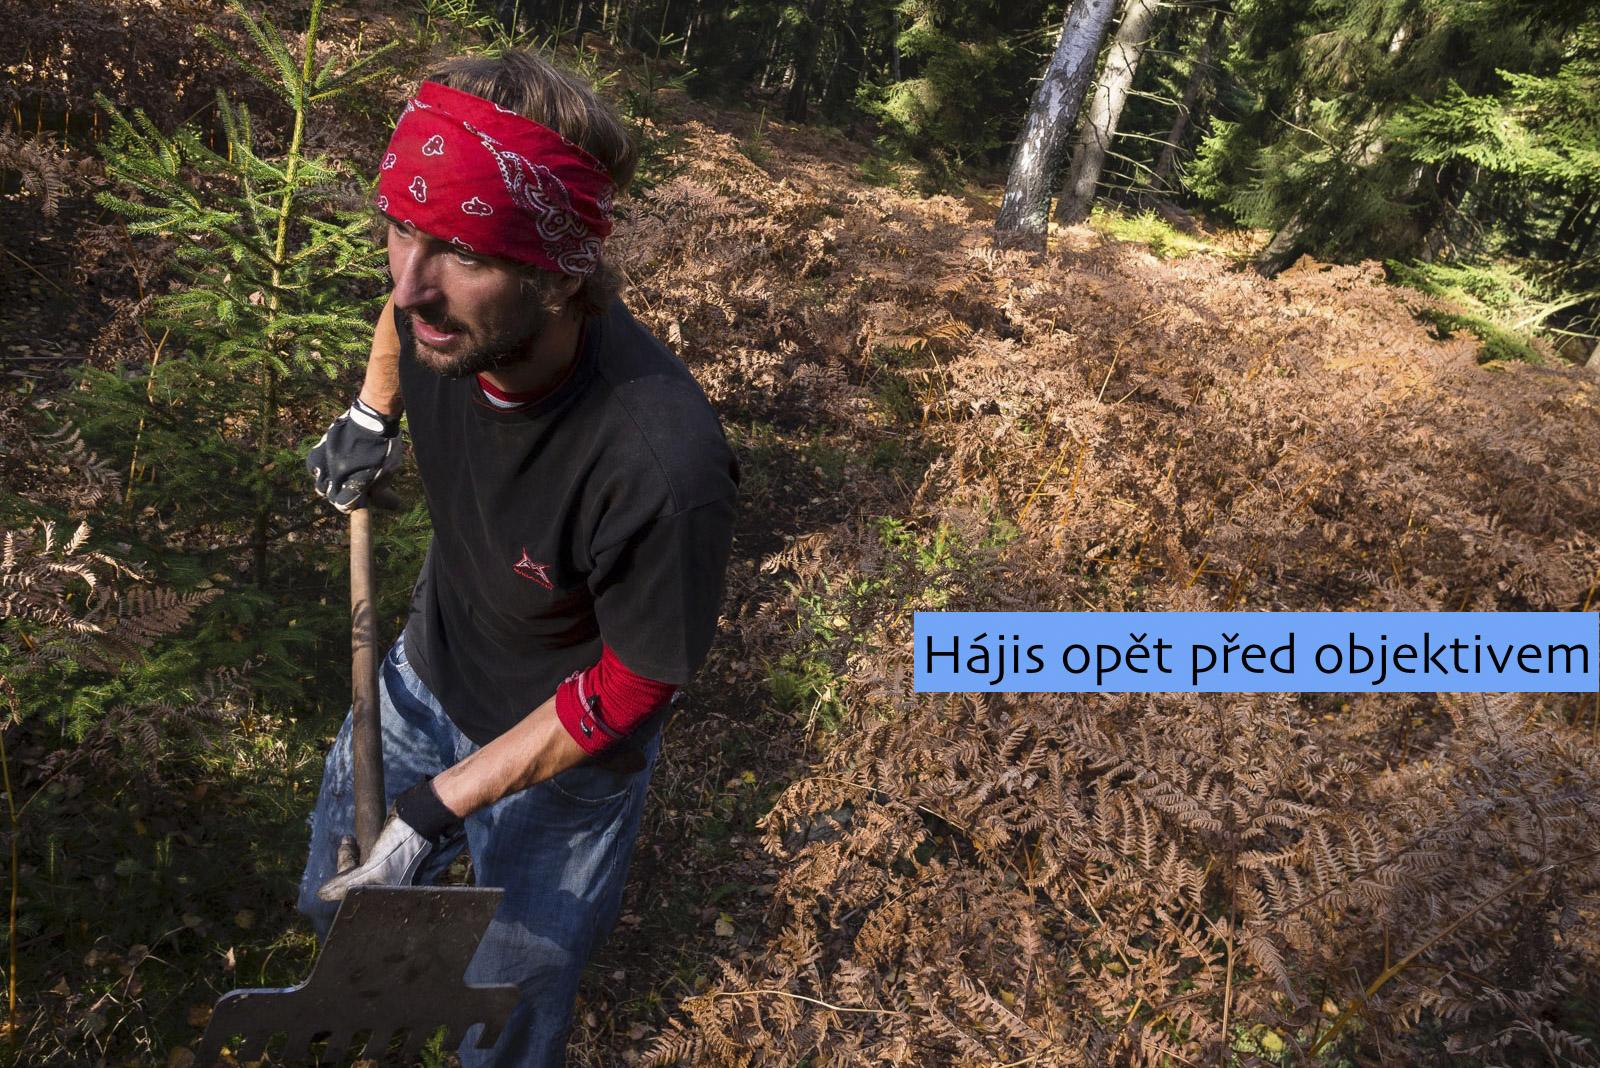 Hajis / Olympus OMD-EM5 / Trnka 2013